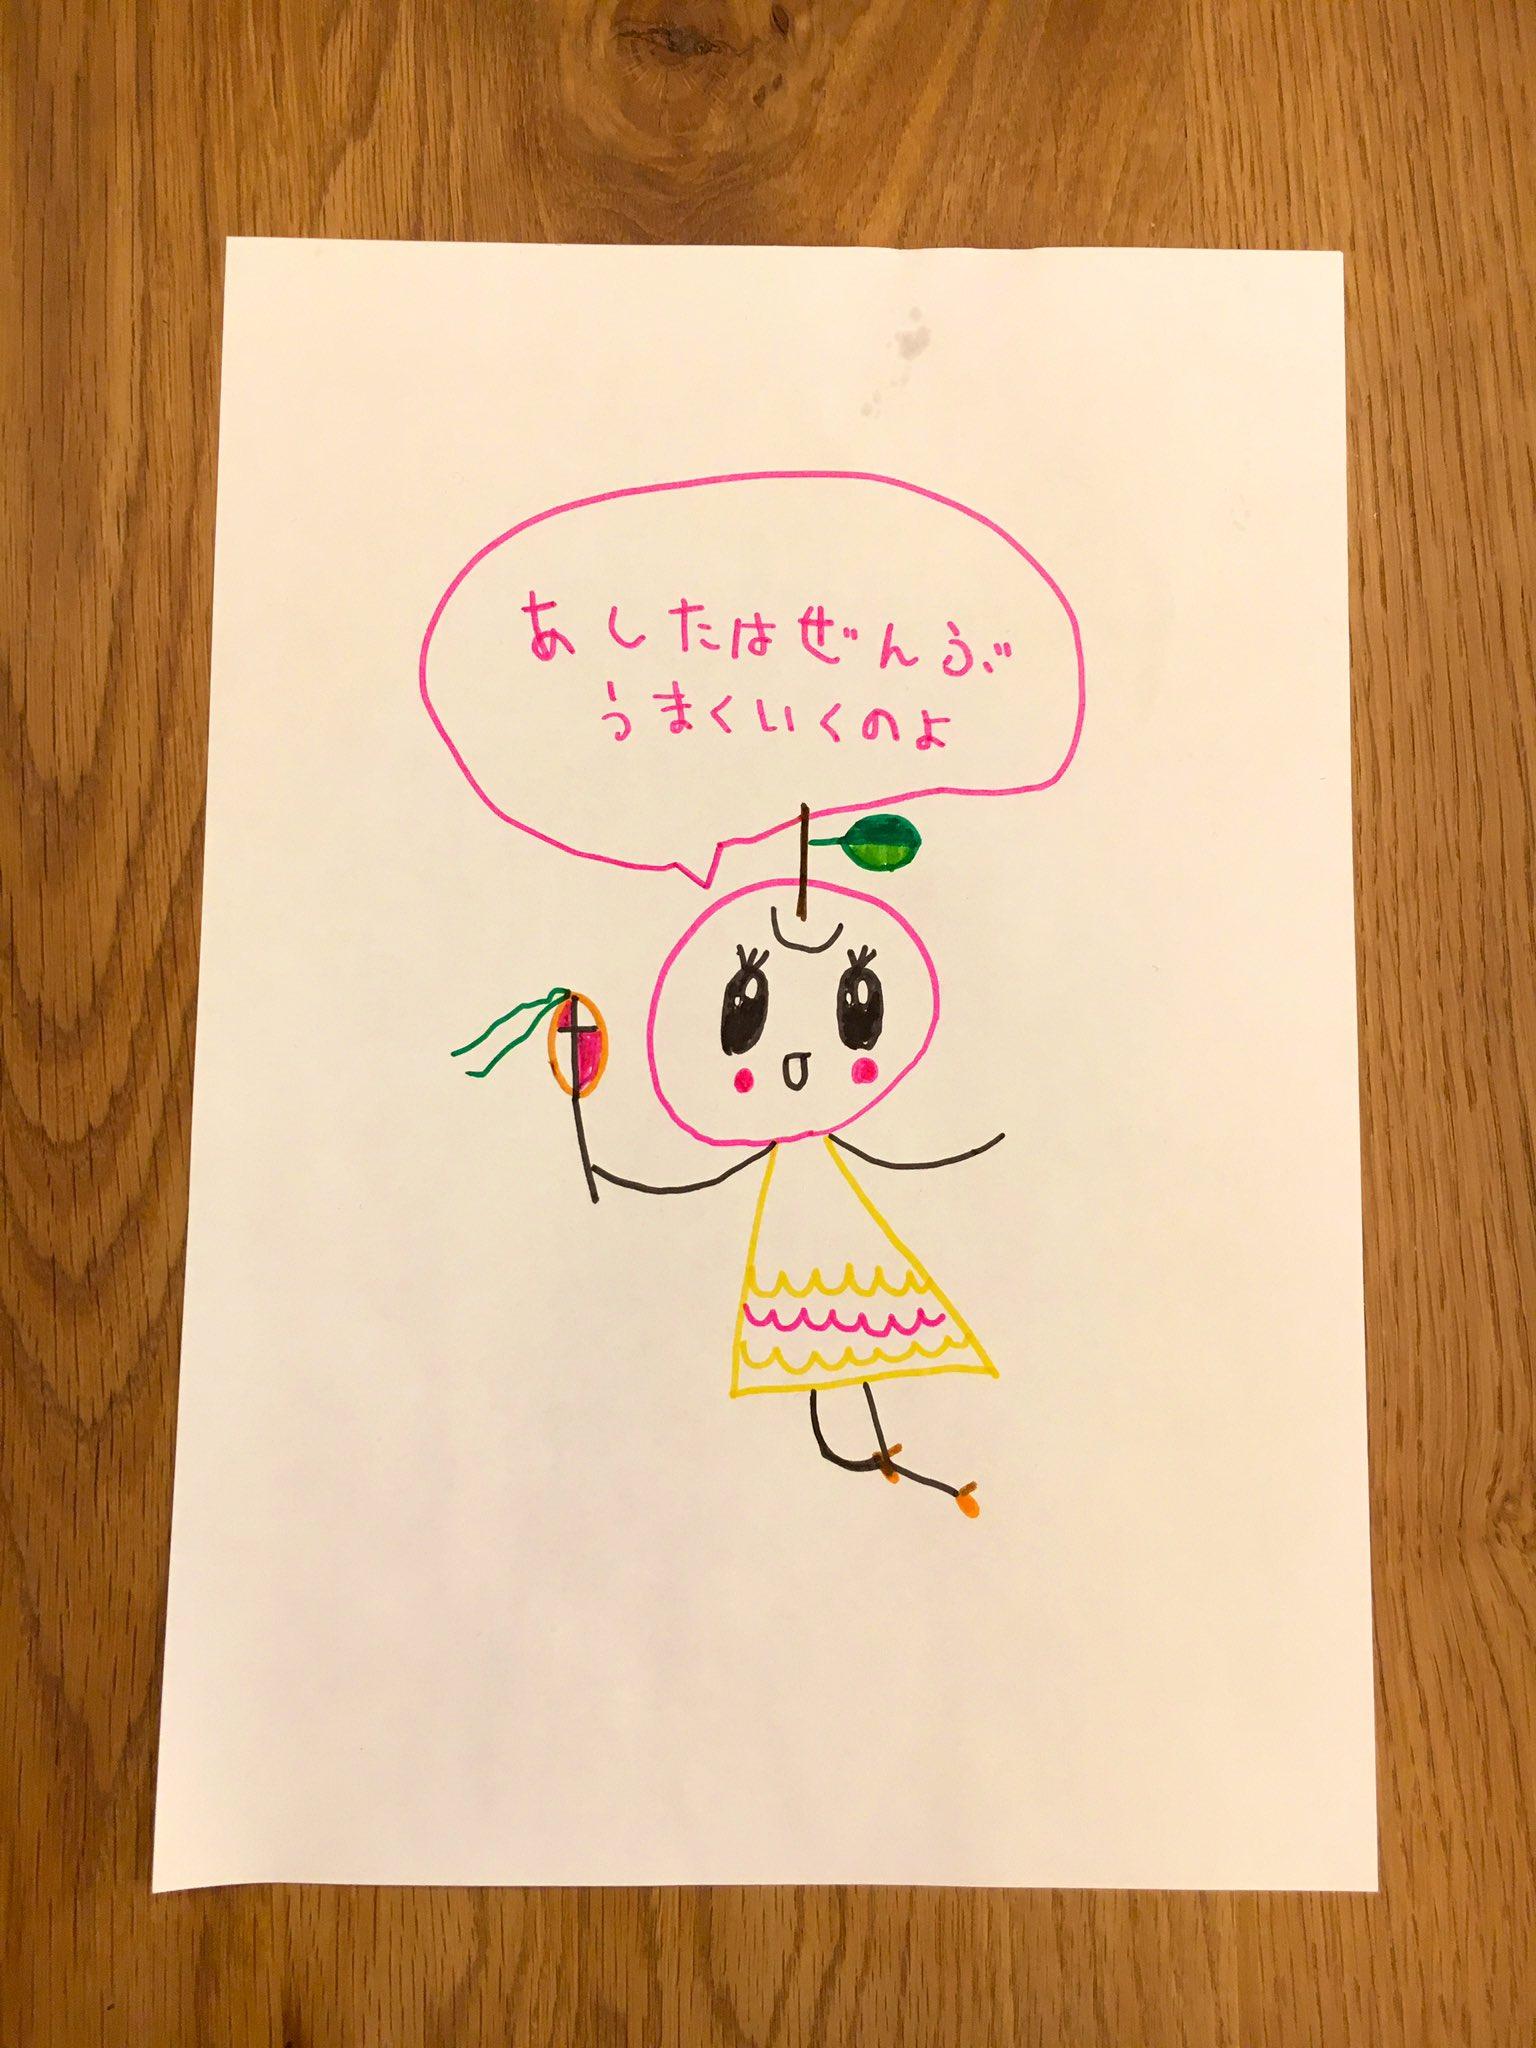 明日から学校か〜って言いながら次女が描いてた絵。